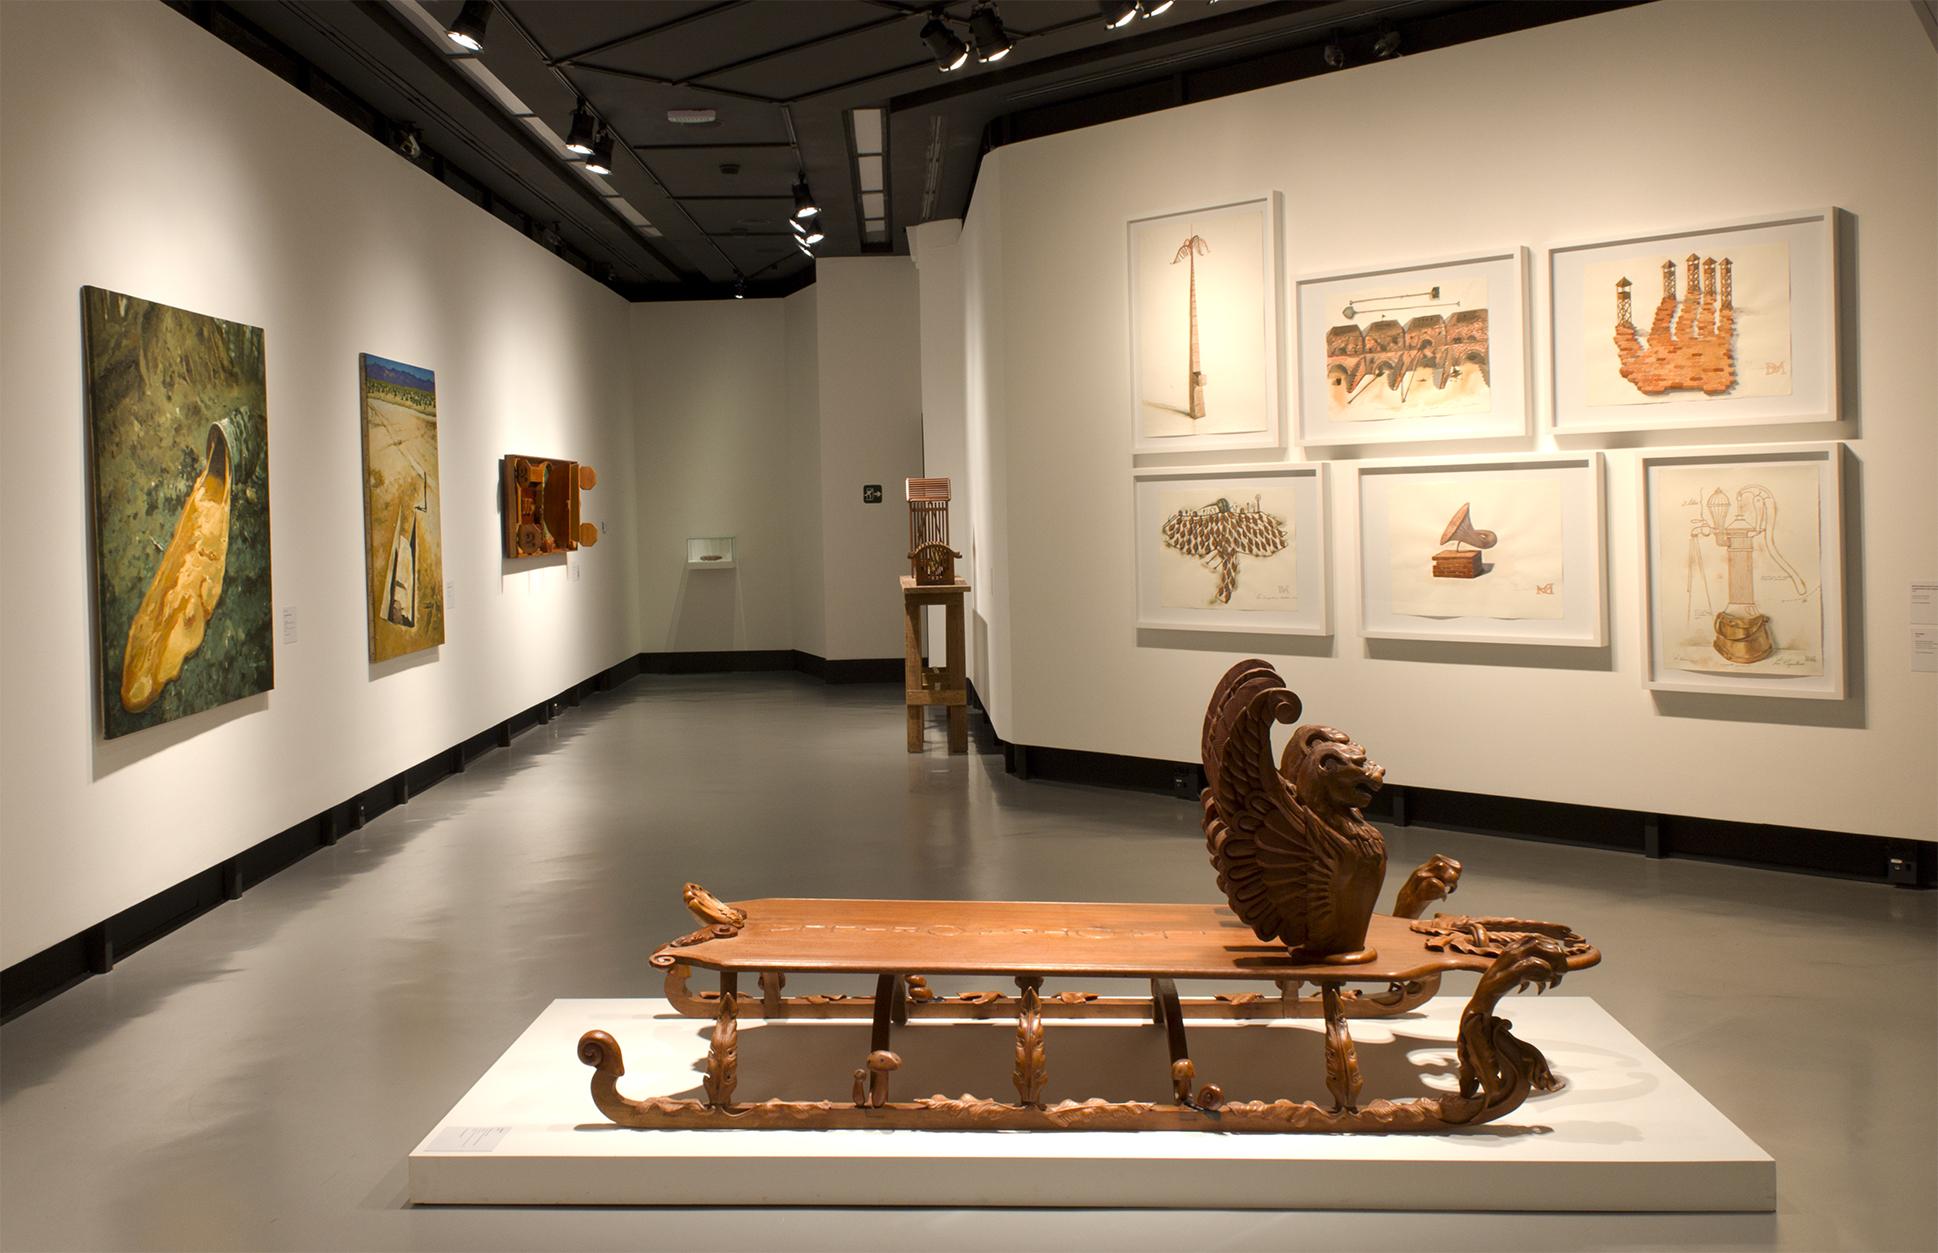 los-carpinteros-obras-arte-cuba-10